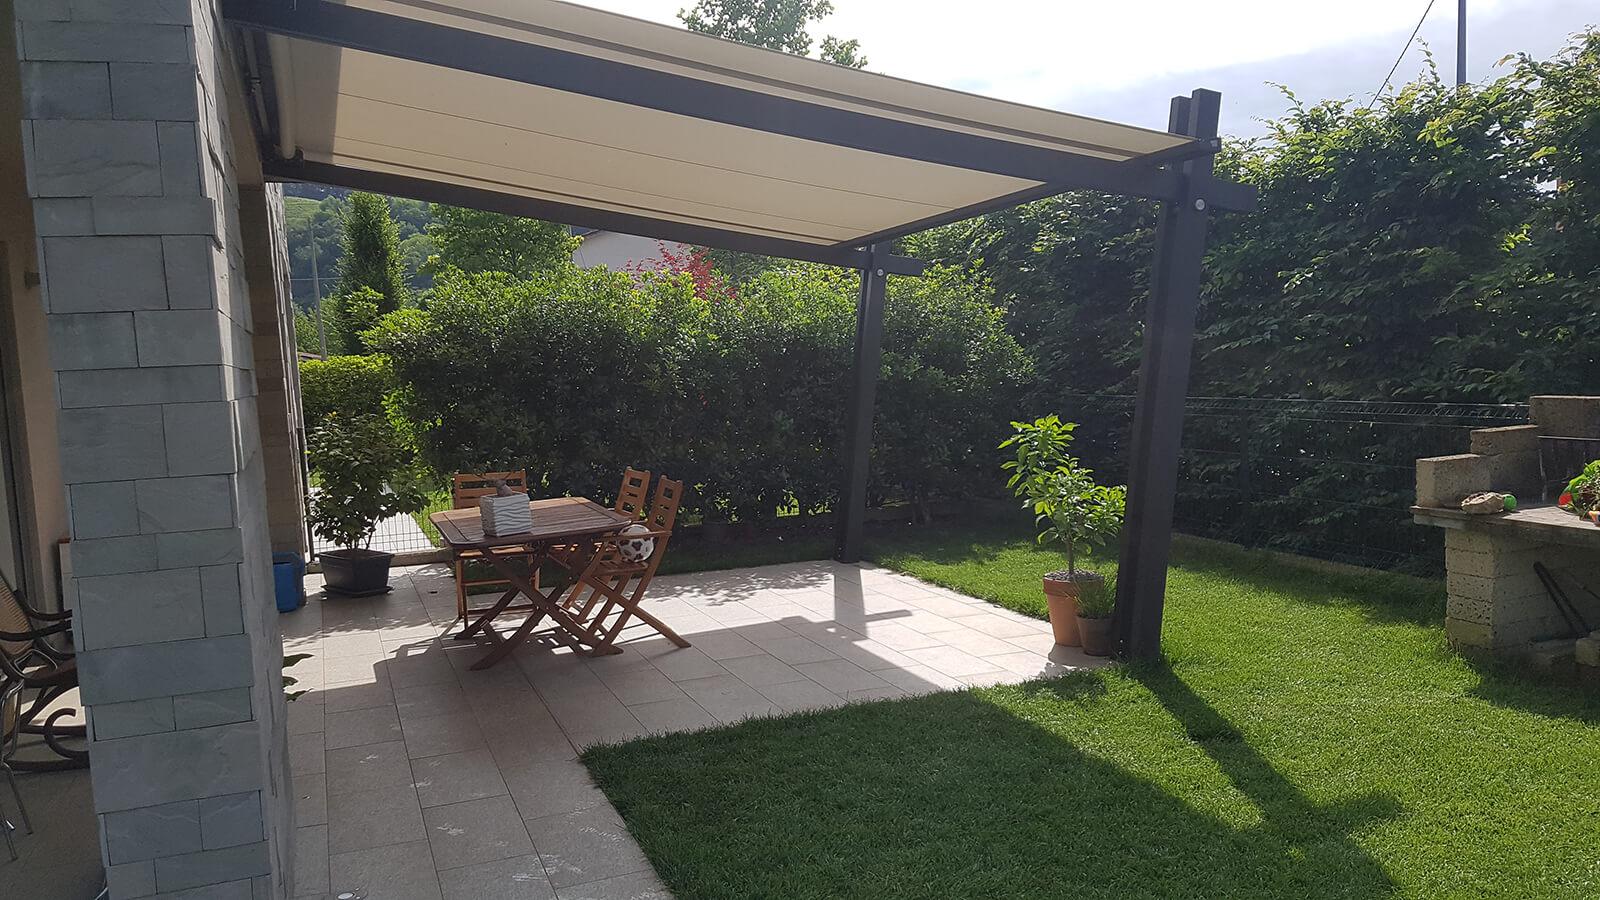 progettazione realizzazione giardini marostica - verde blu giardini 14